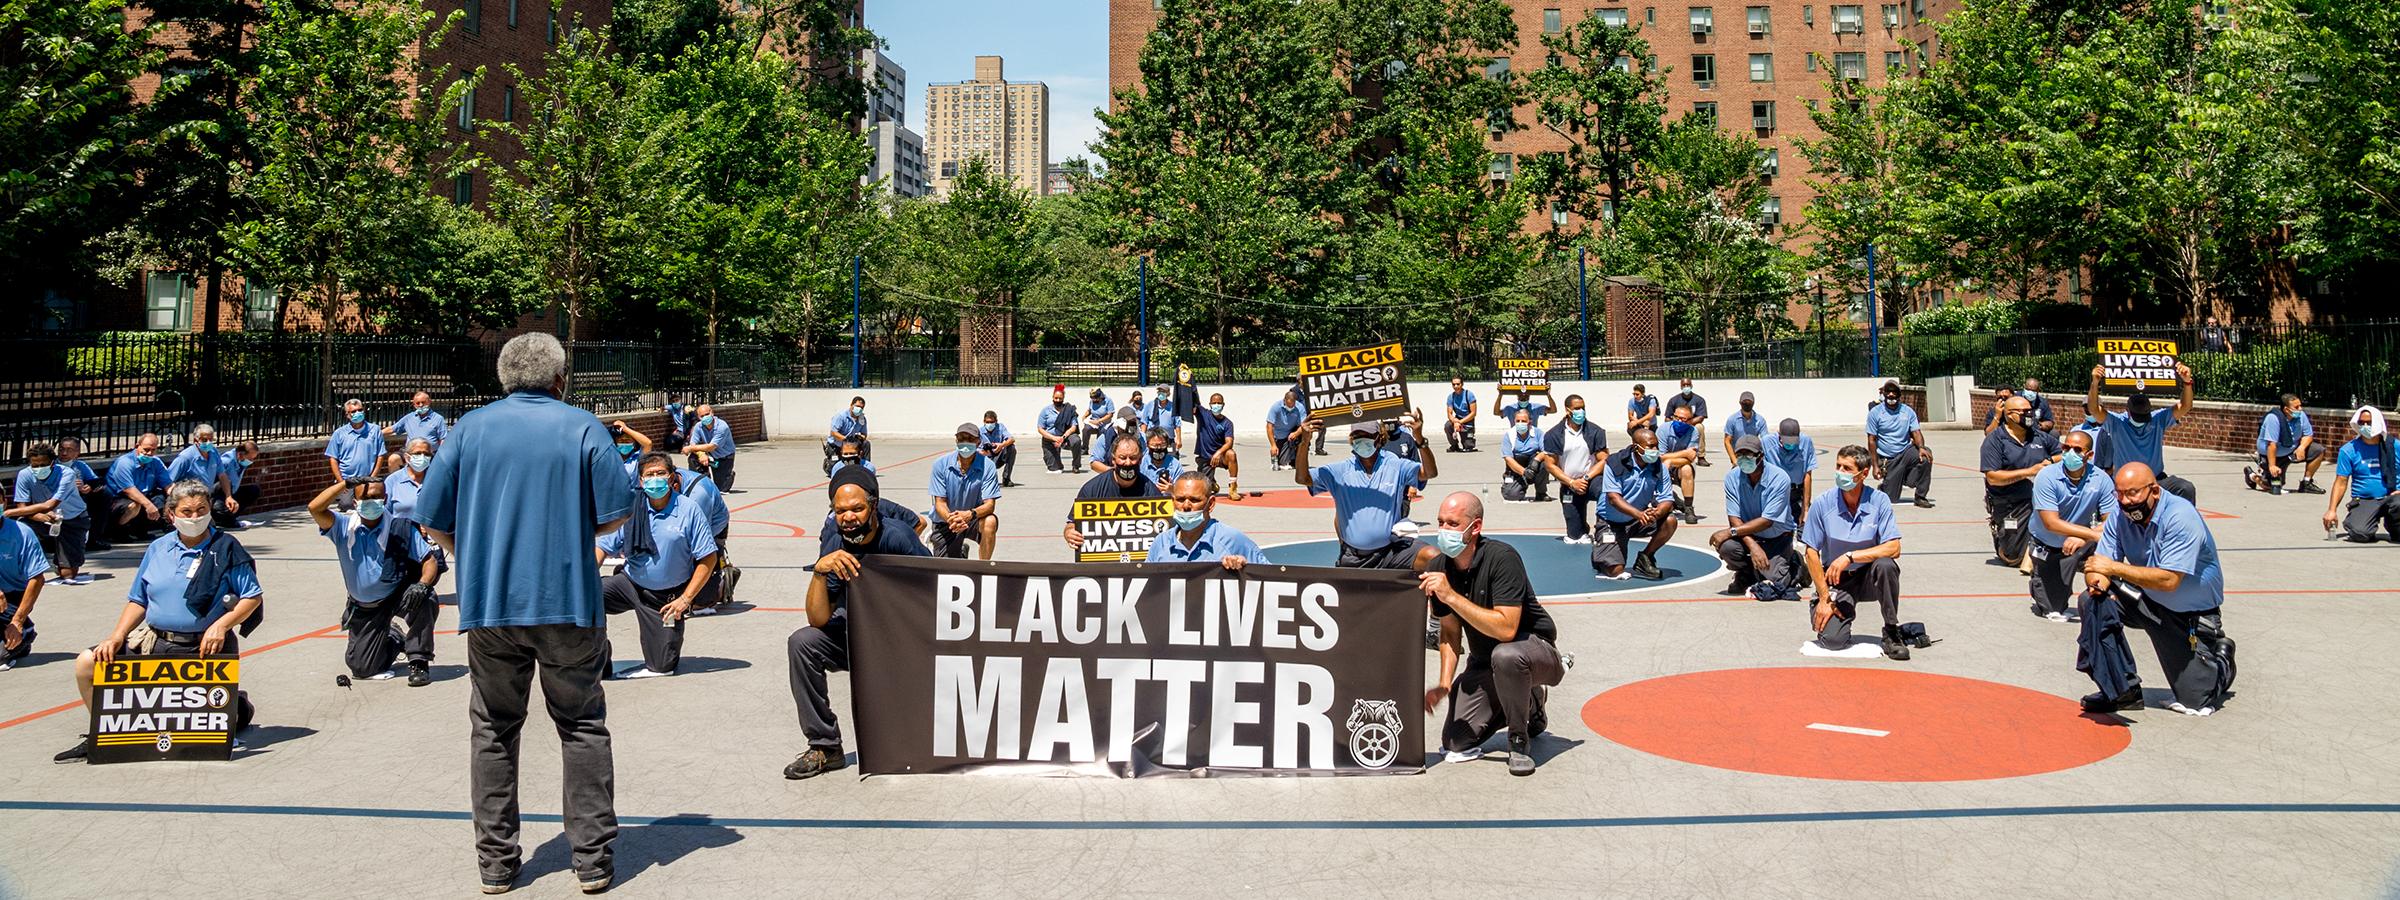 Teamsters Support Black Lives Matter